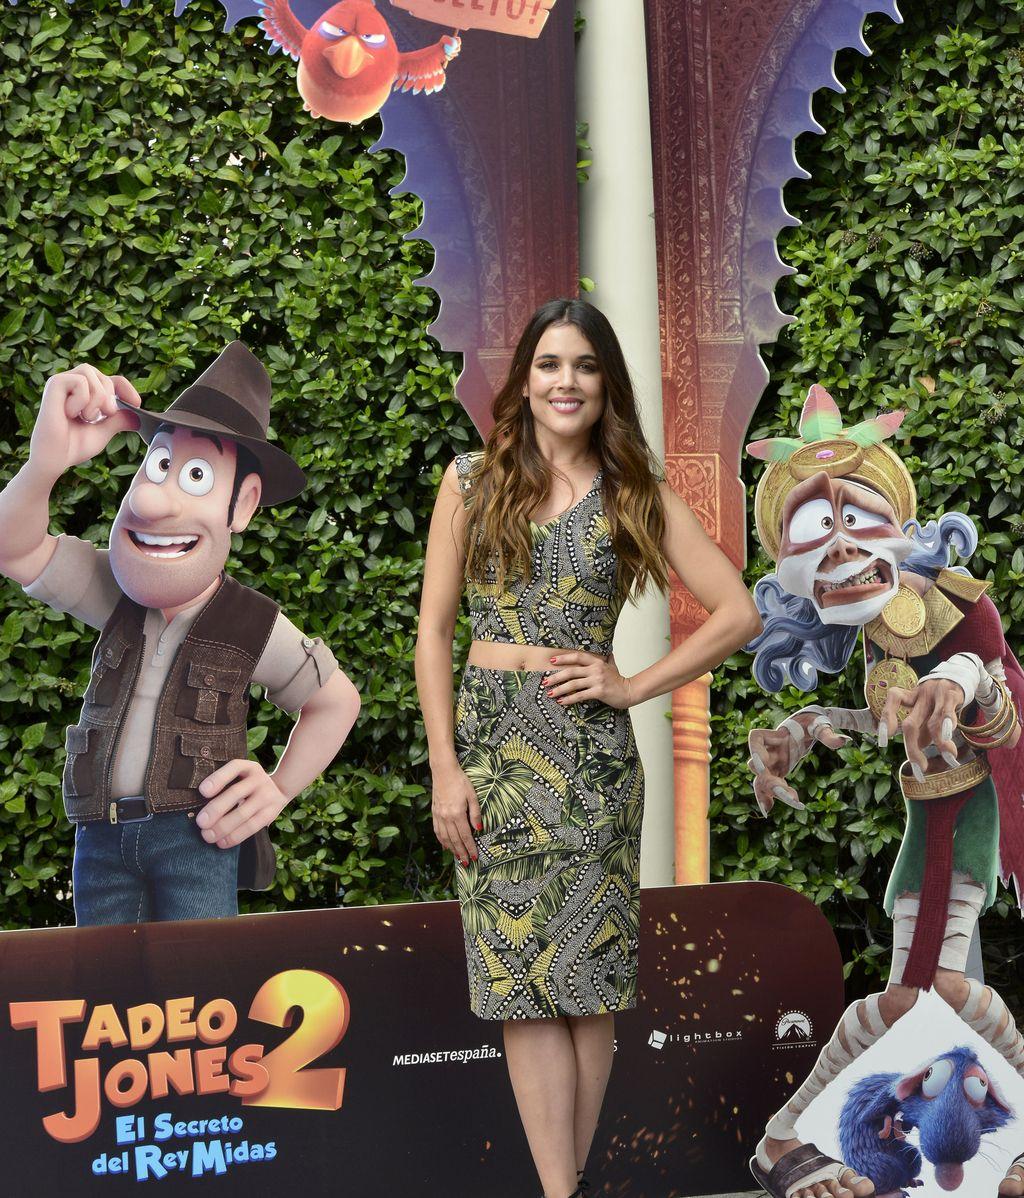 Adriana Ugarte en la premier de Tadeo Jones 2: 'El secreto del rey Midas'